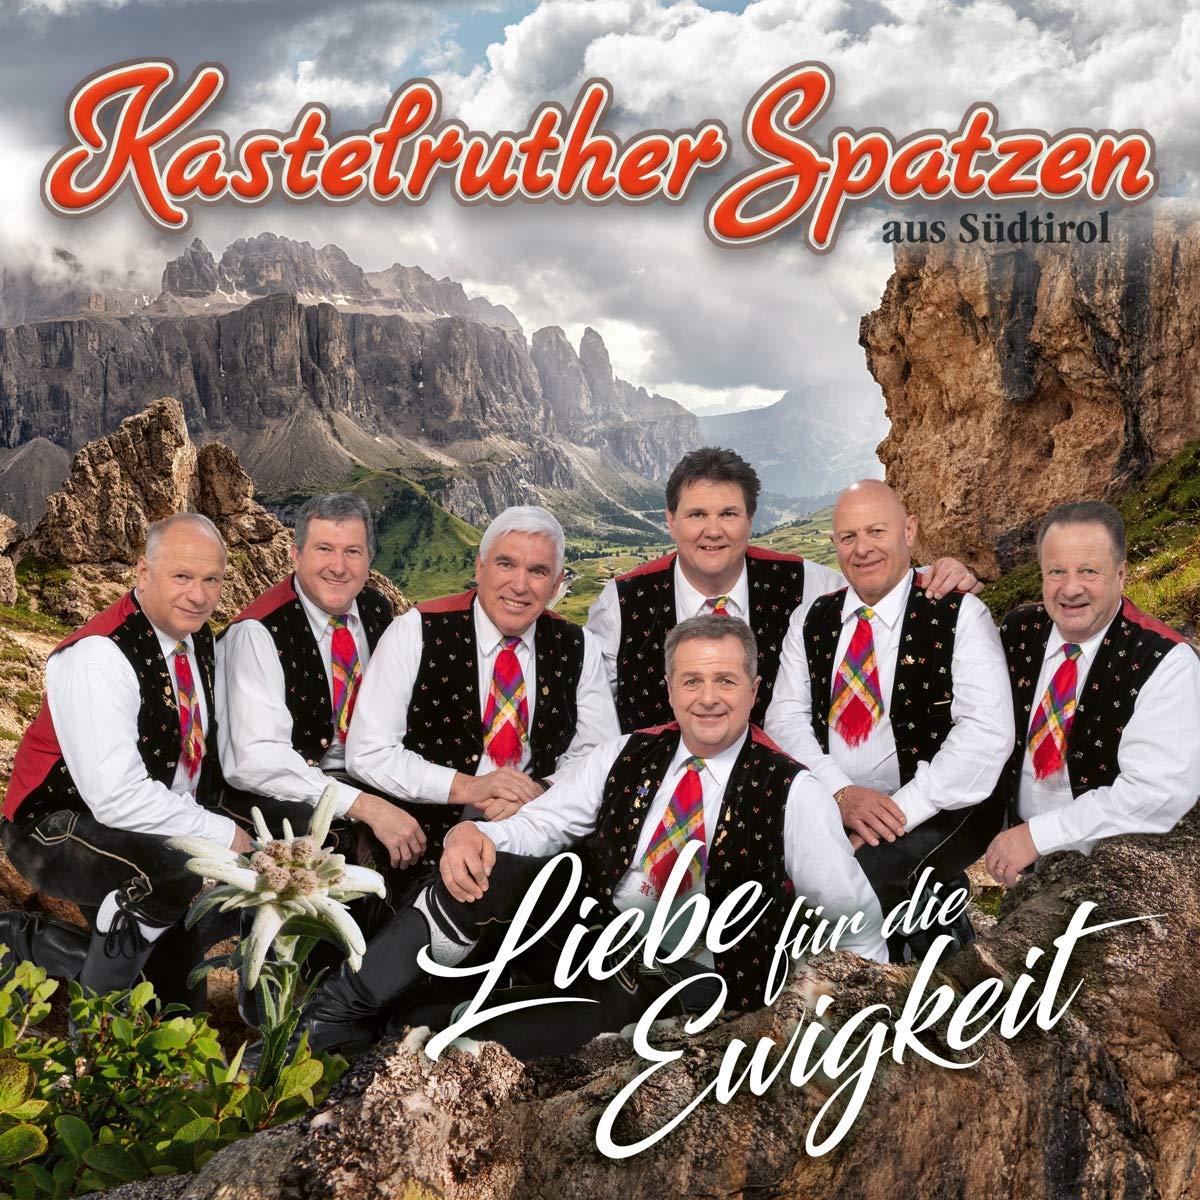 KASTELRUTHER SPATZEN * Liebe für die Ewigkeit (CD) * Auch als LIMITIERTE FANBOX erhältlich!